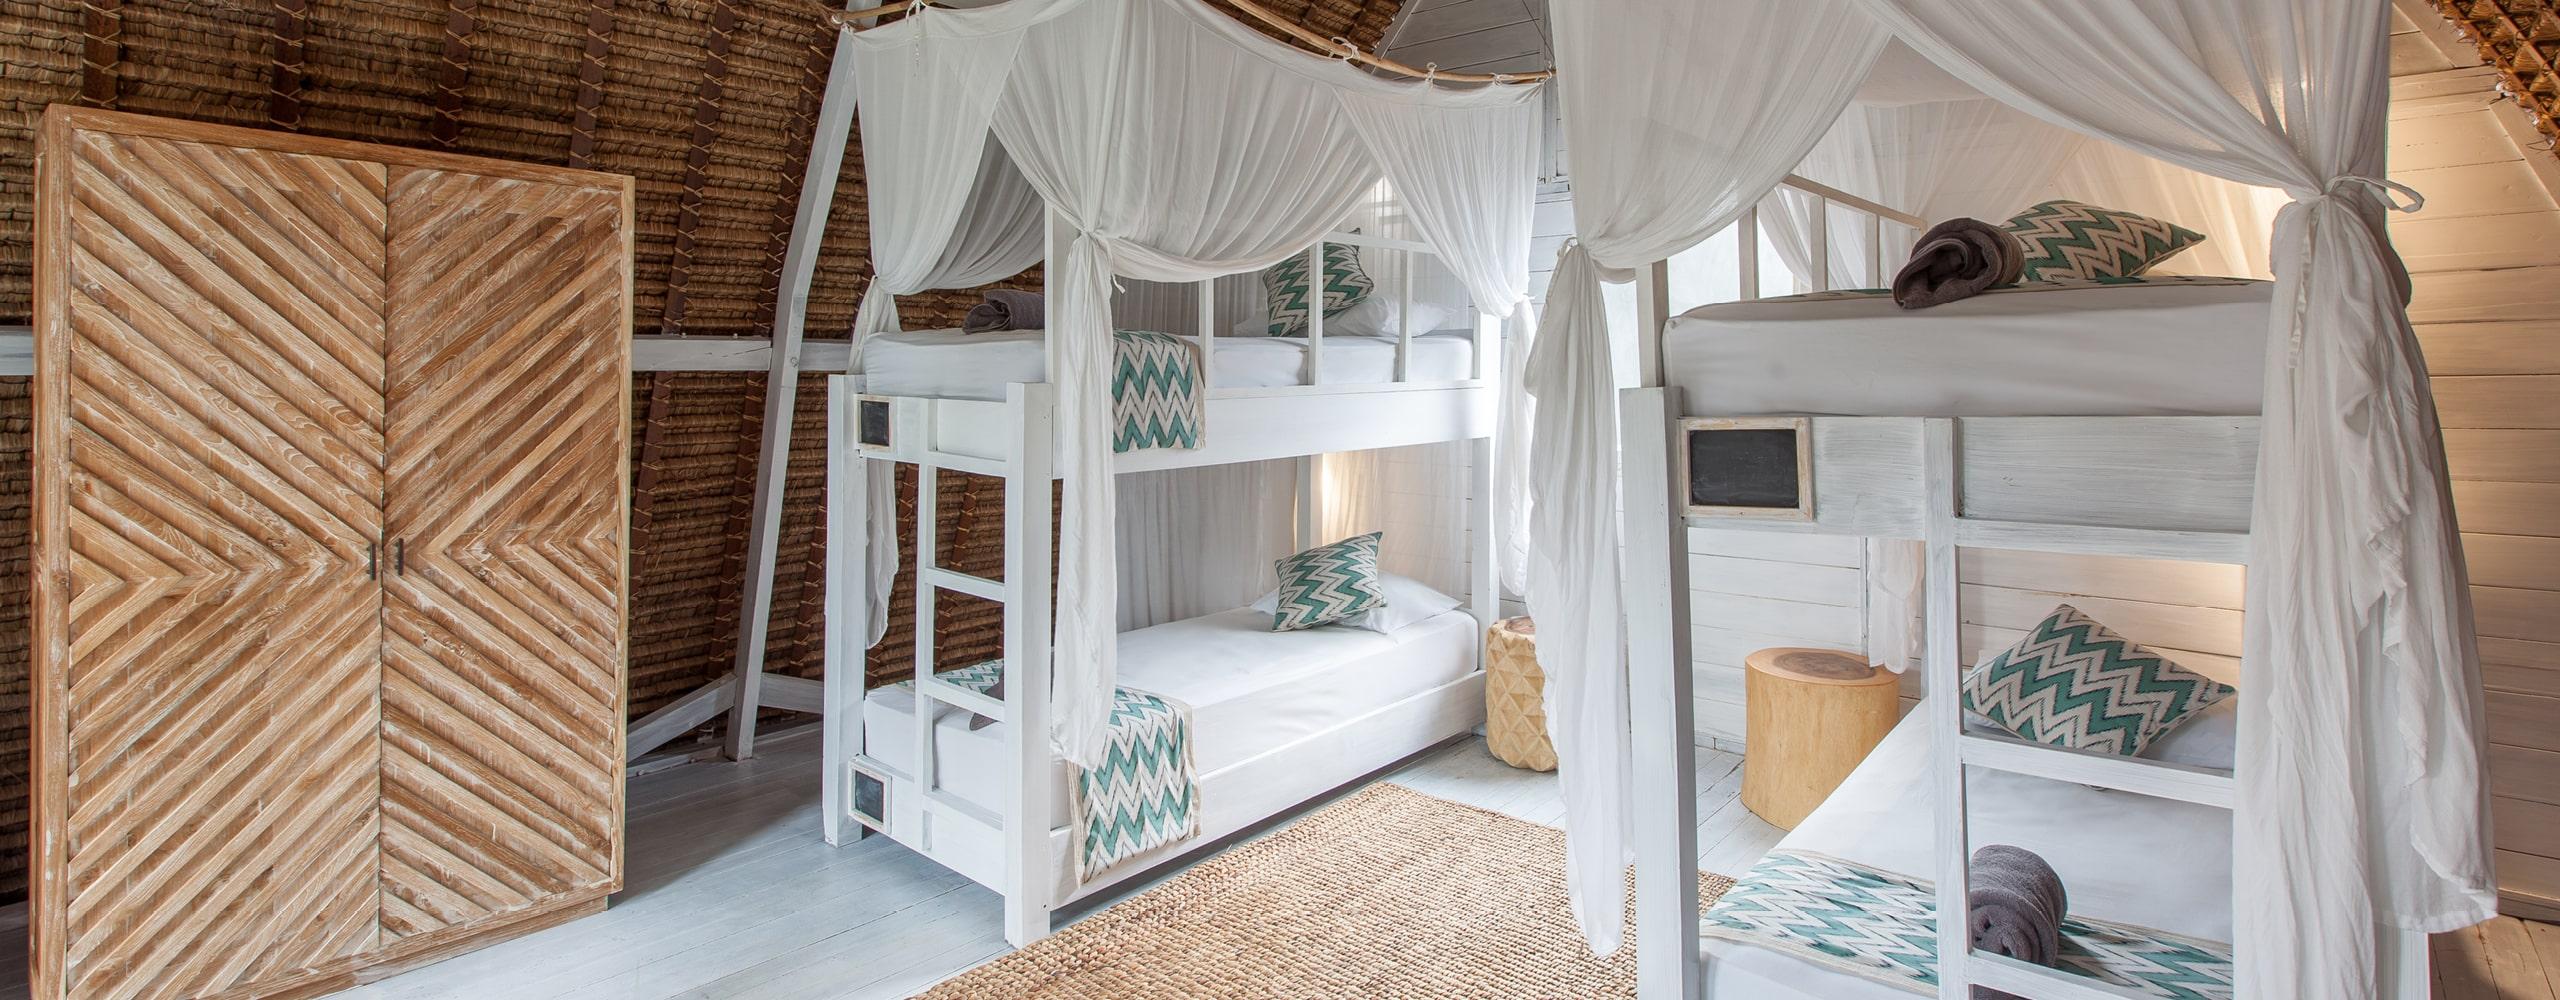 Full Size of Balinesische Betten Lumbung Zimmer Auf Bali Mit Vier München Für übergewichtige Kaufen Billerbeck Xxl Test 200x220 Paradies Teenager Kinder Coole Bett Balinesische Betten